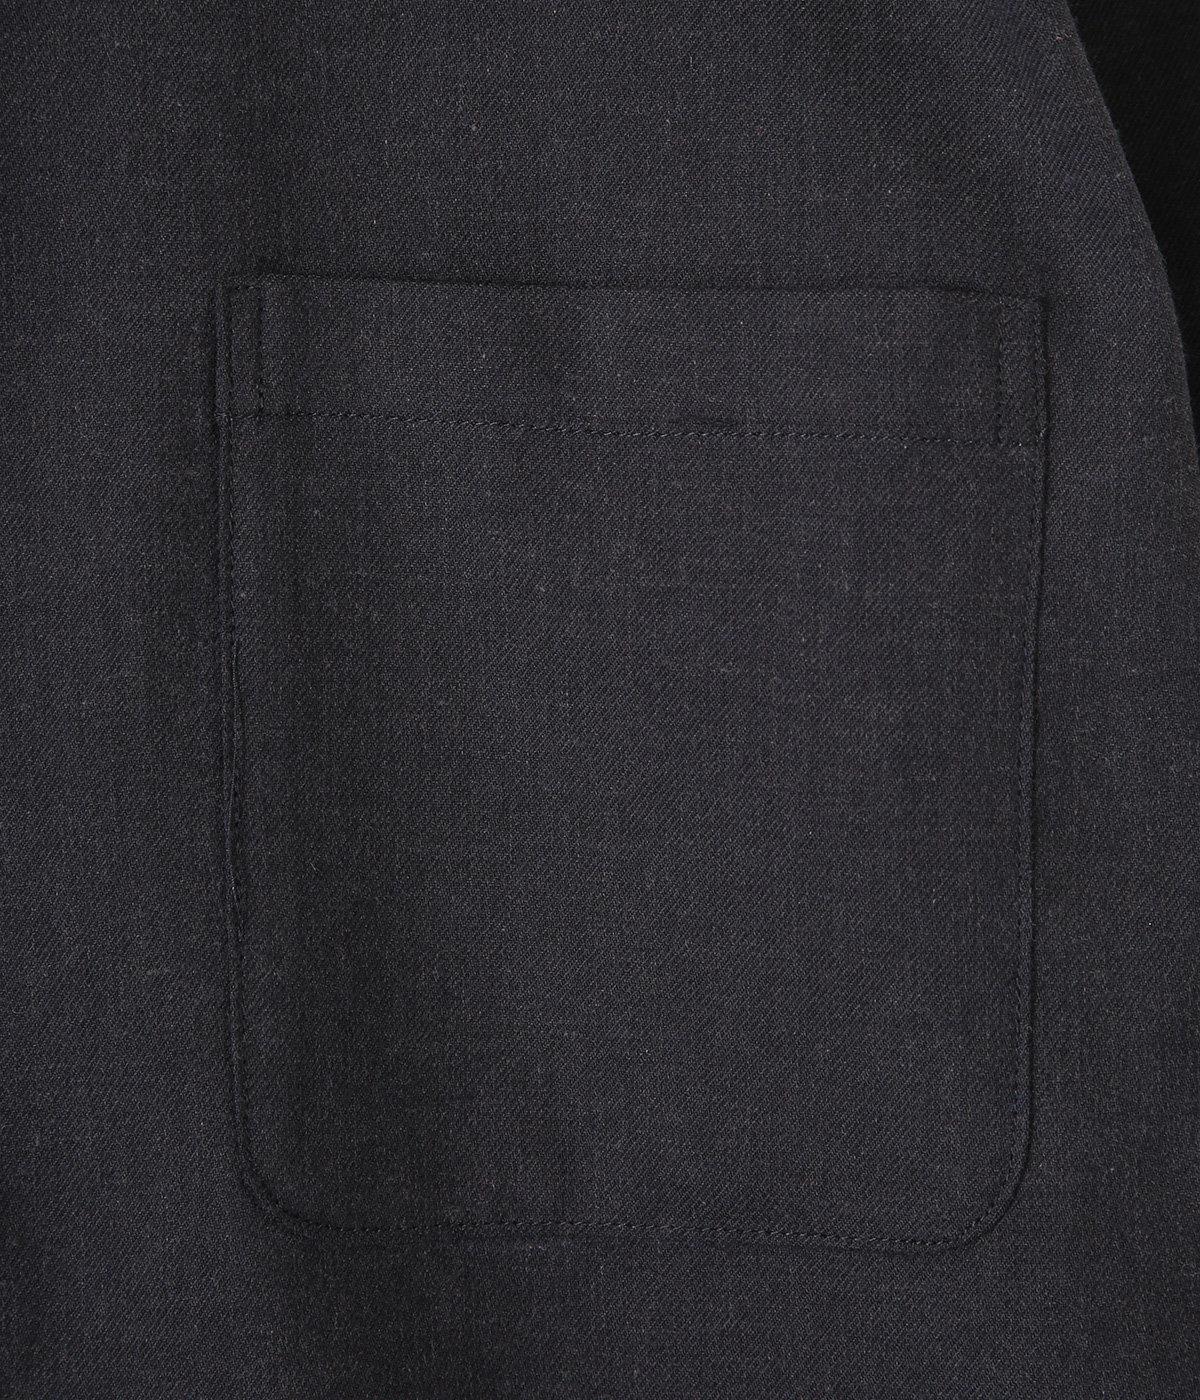 パジャマシャツ - 50956 -